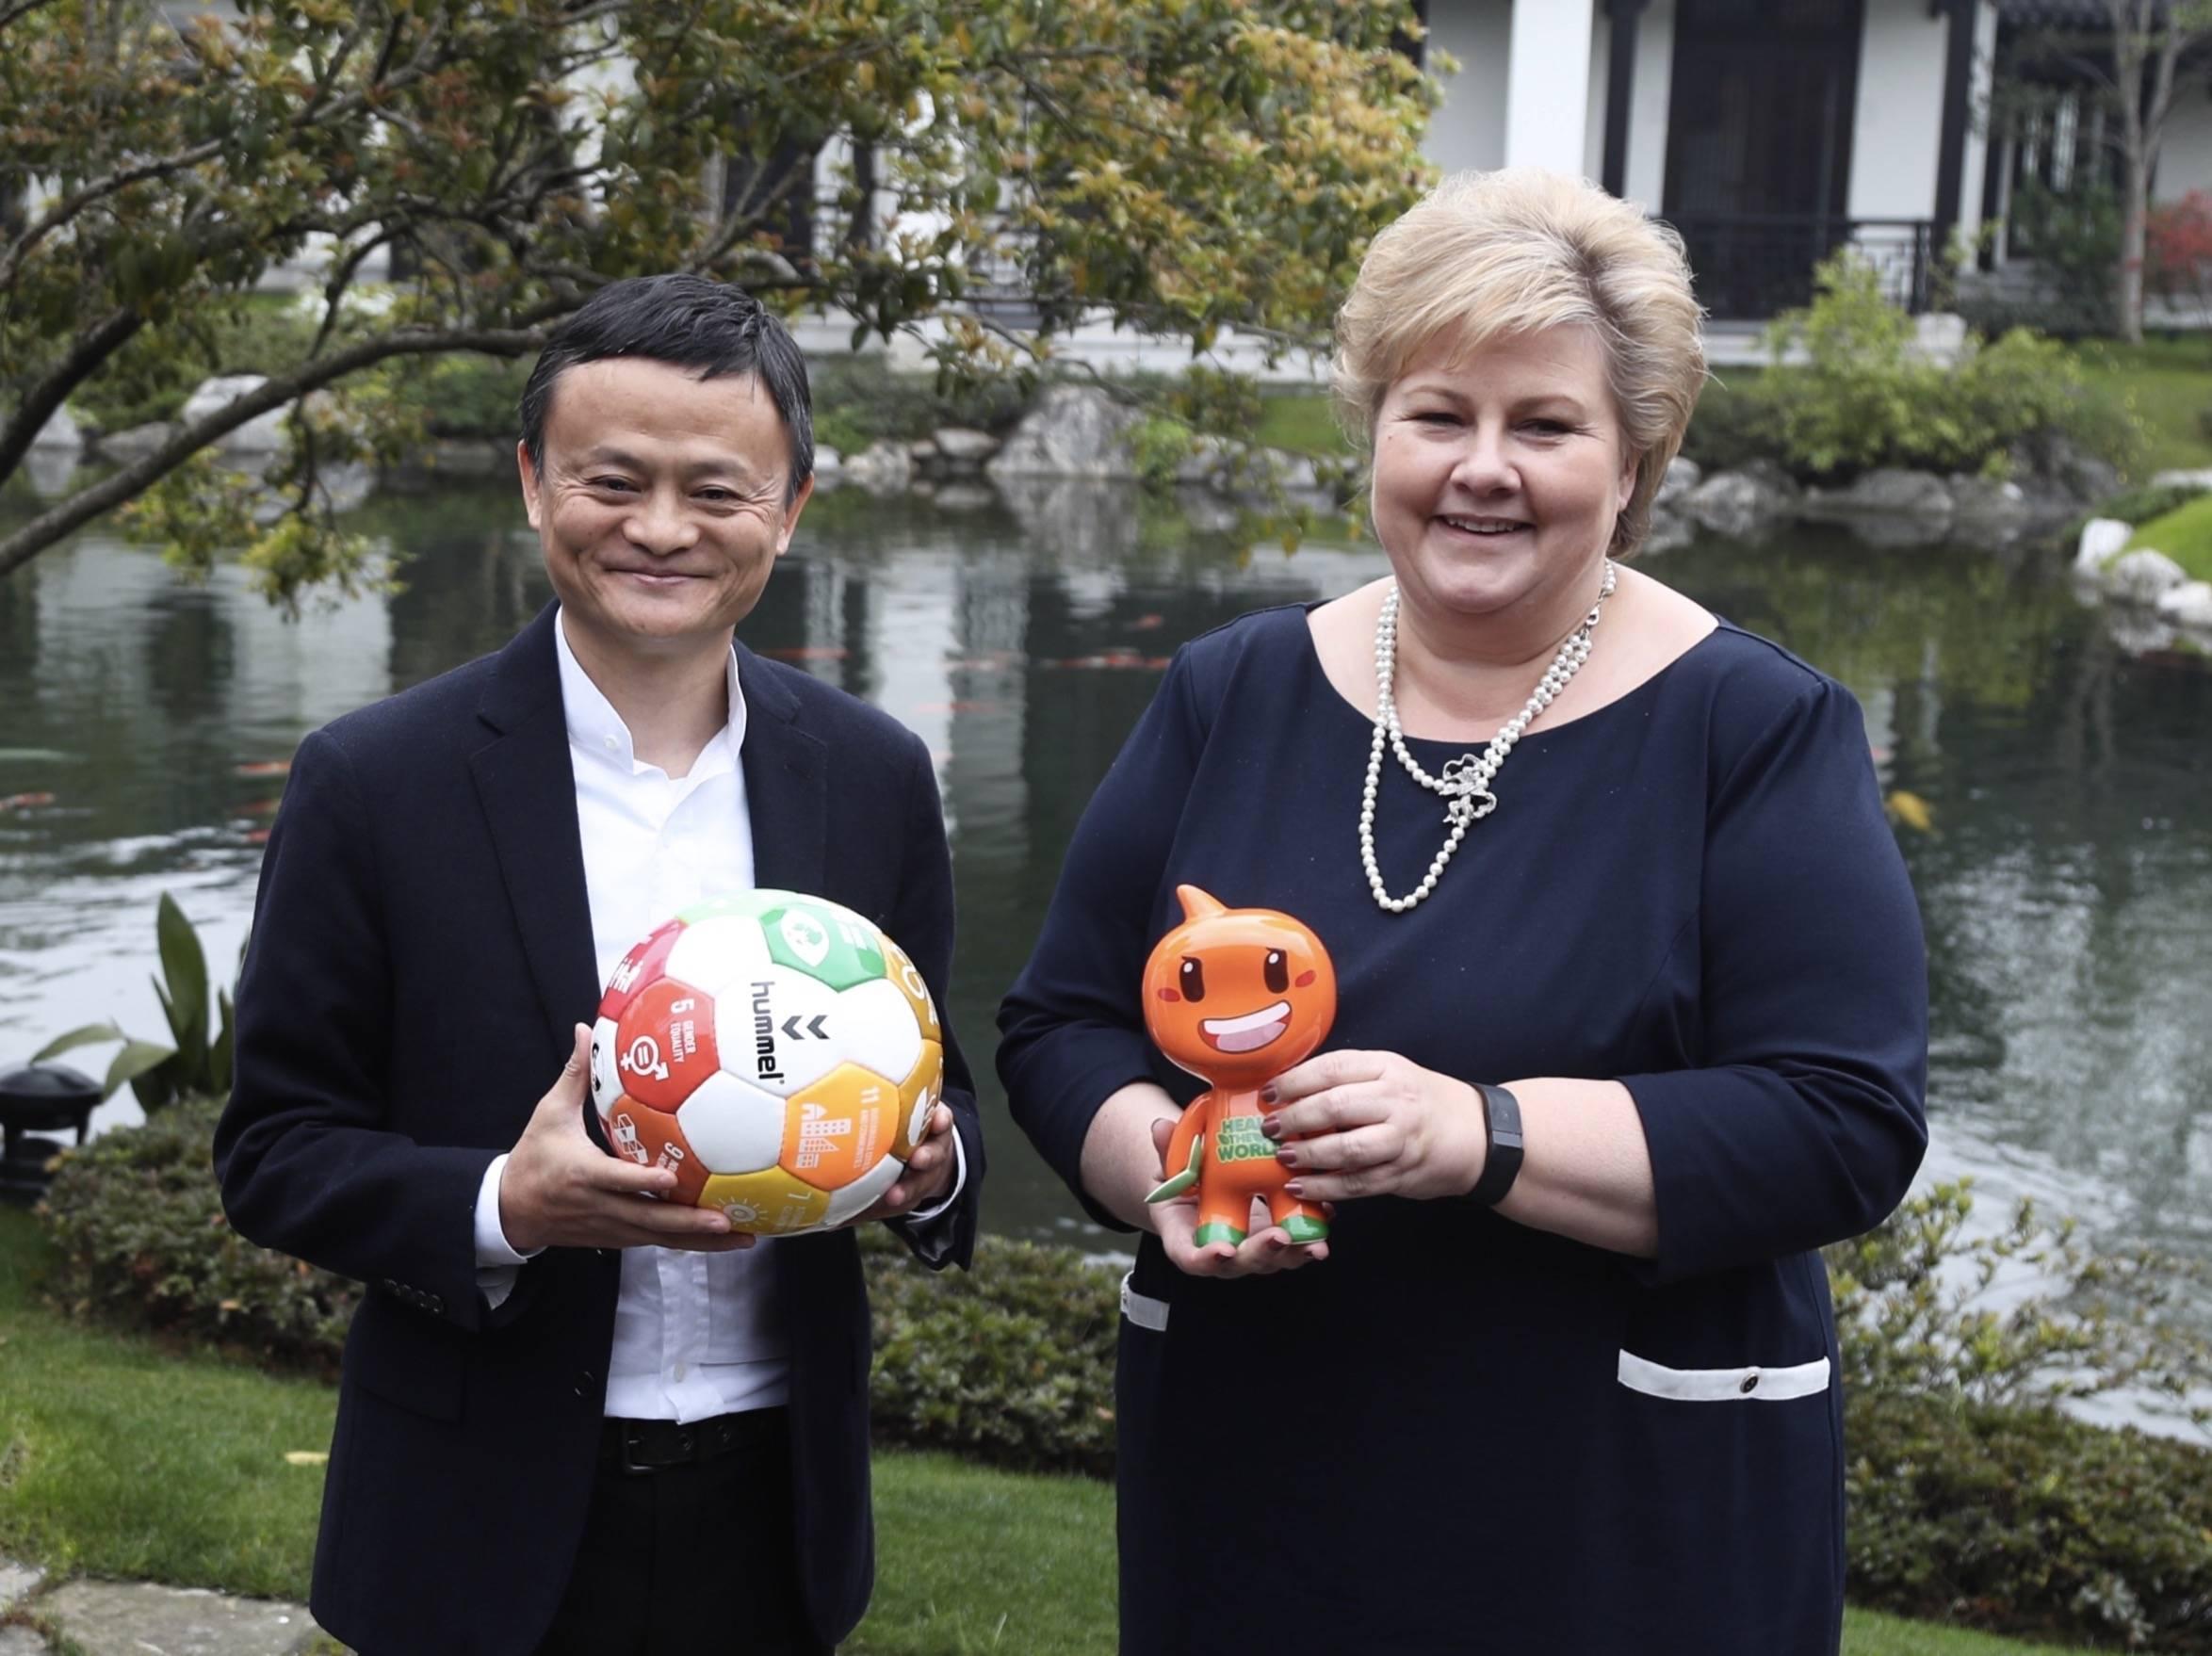 【早报】马云:我想的是如何改变世界;董明珠:举债投资新能源,绝好机会,我愿意赌